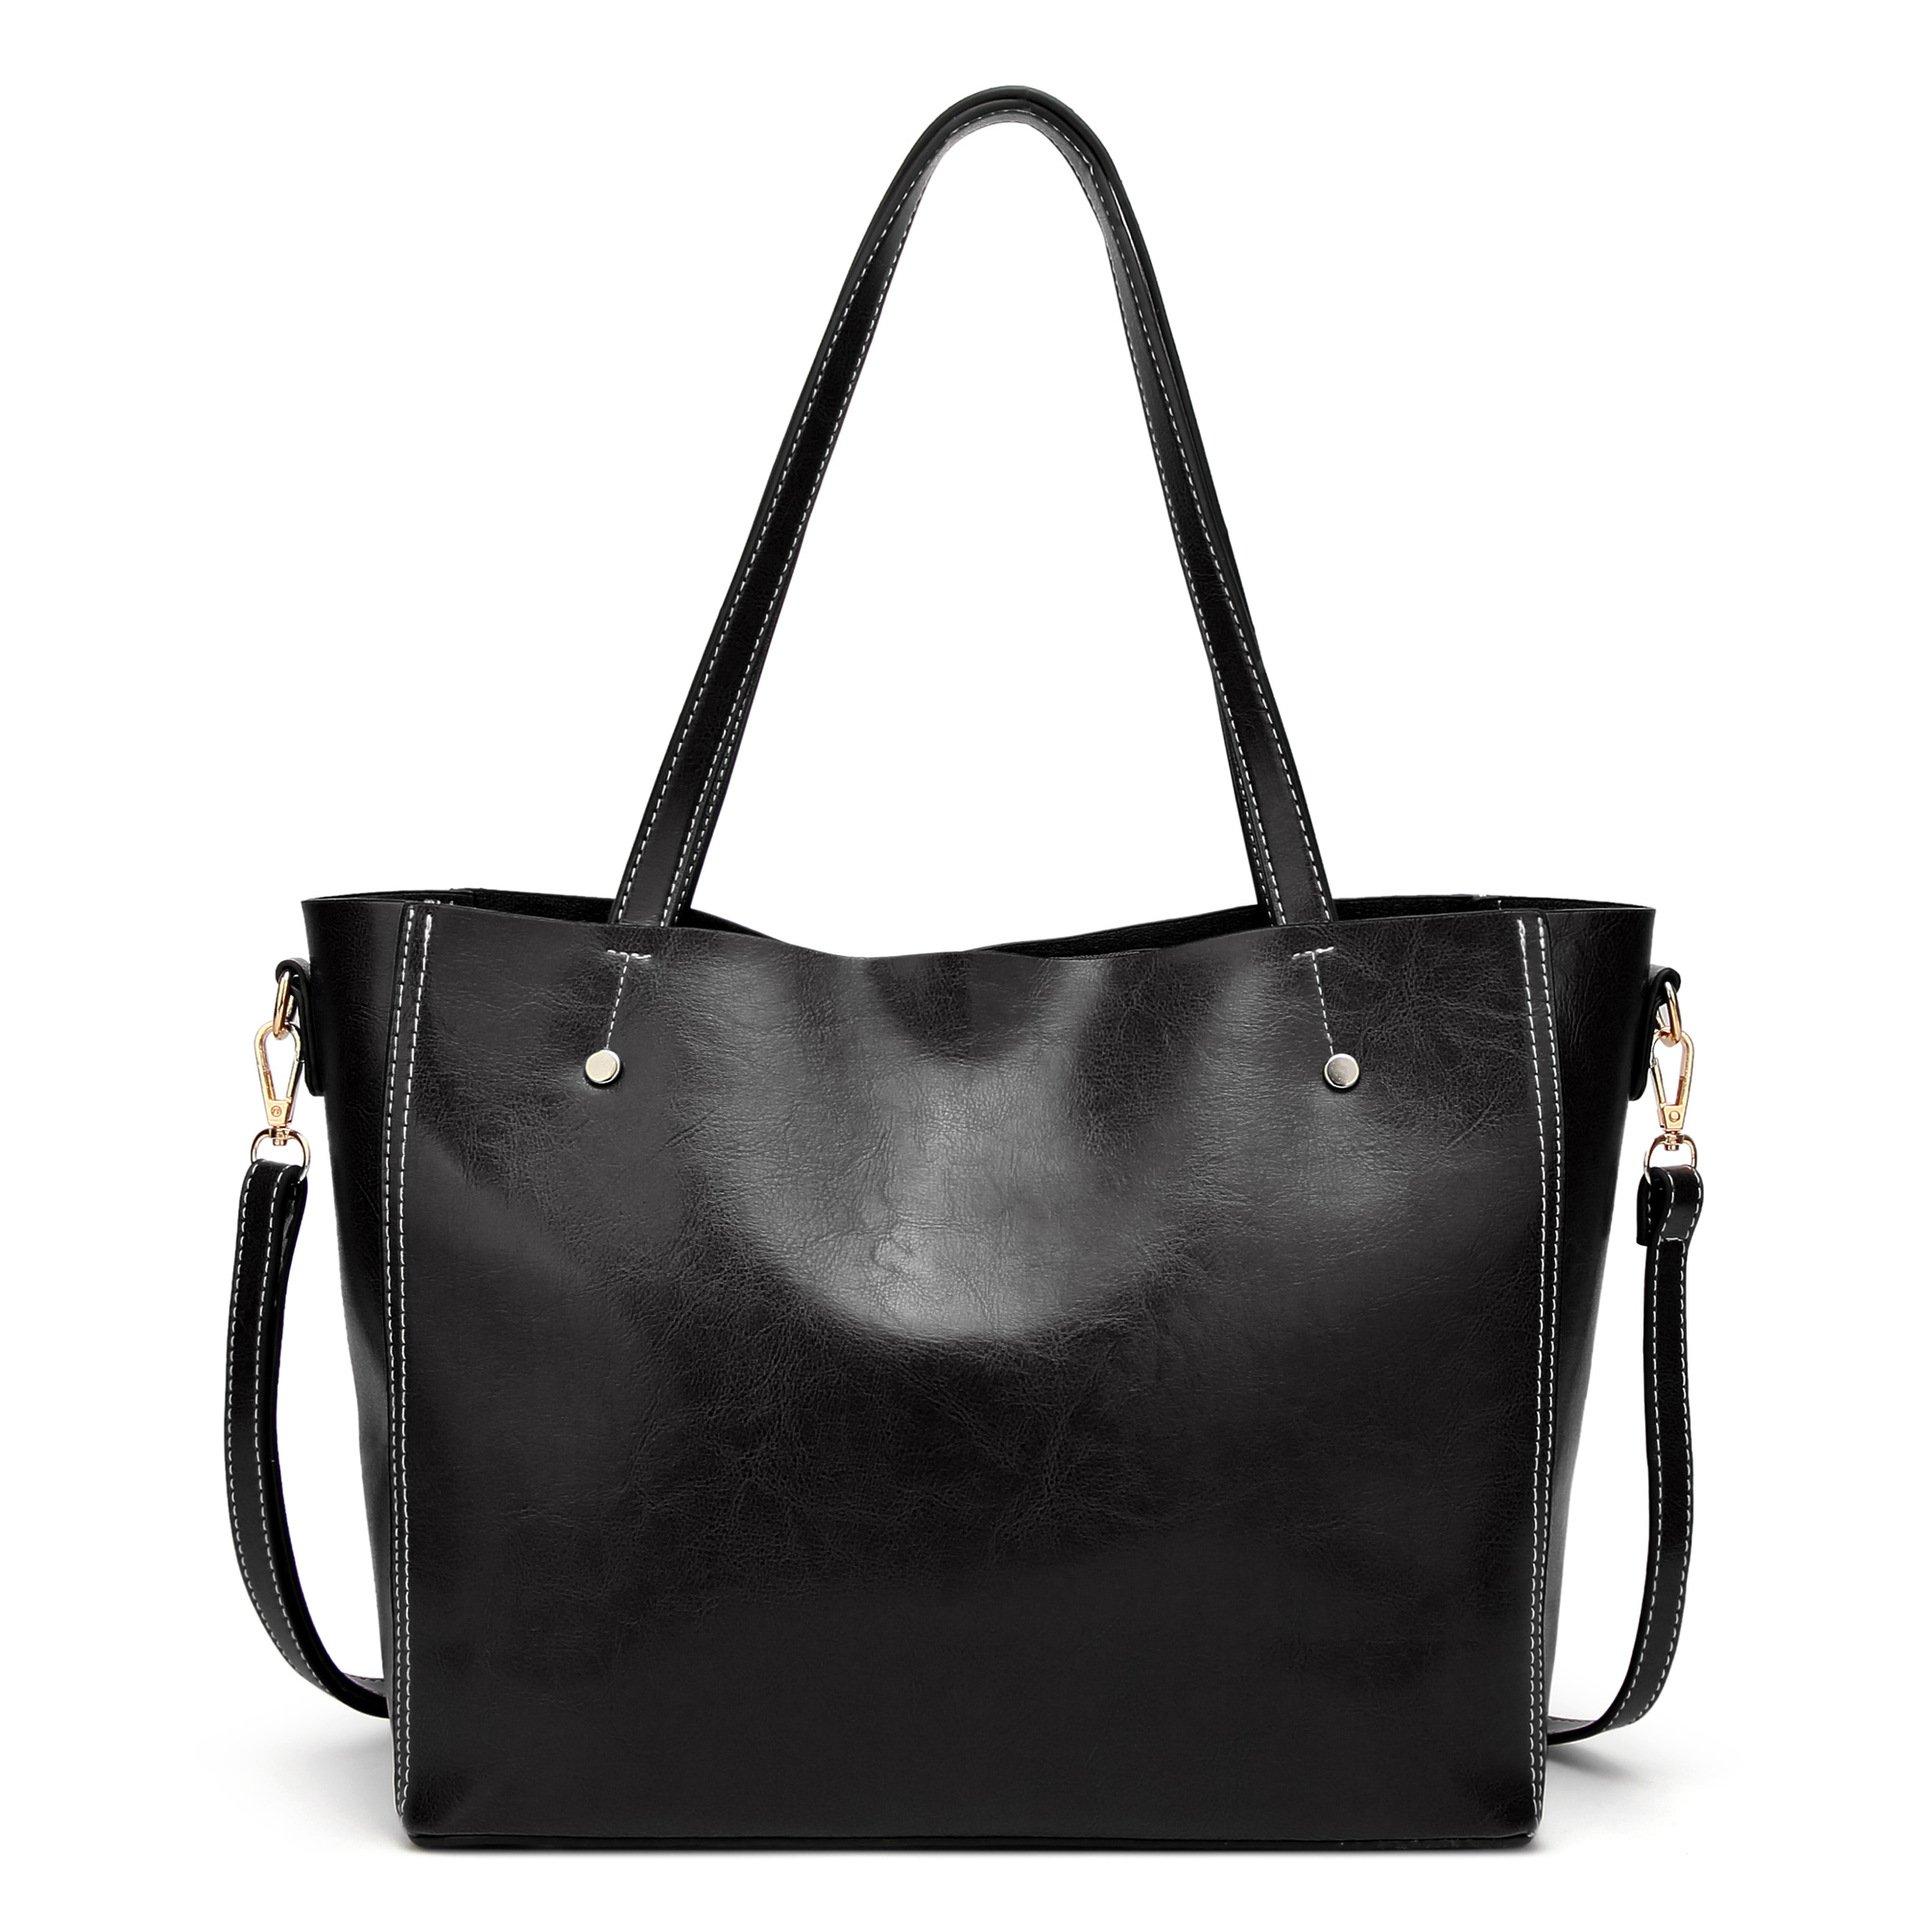 Women Leather Top Handle Satchel Handbags Shoulder Bag Messenger Tote Purse For Work Black